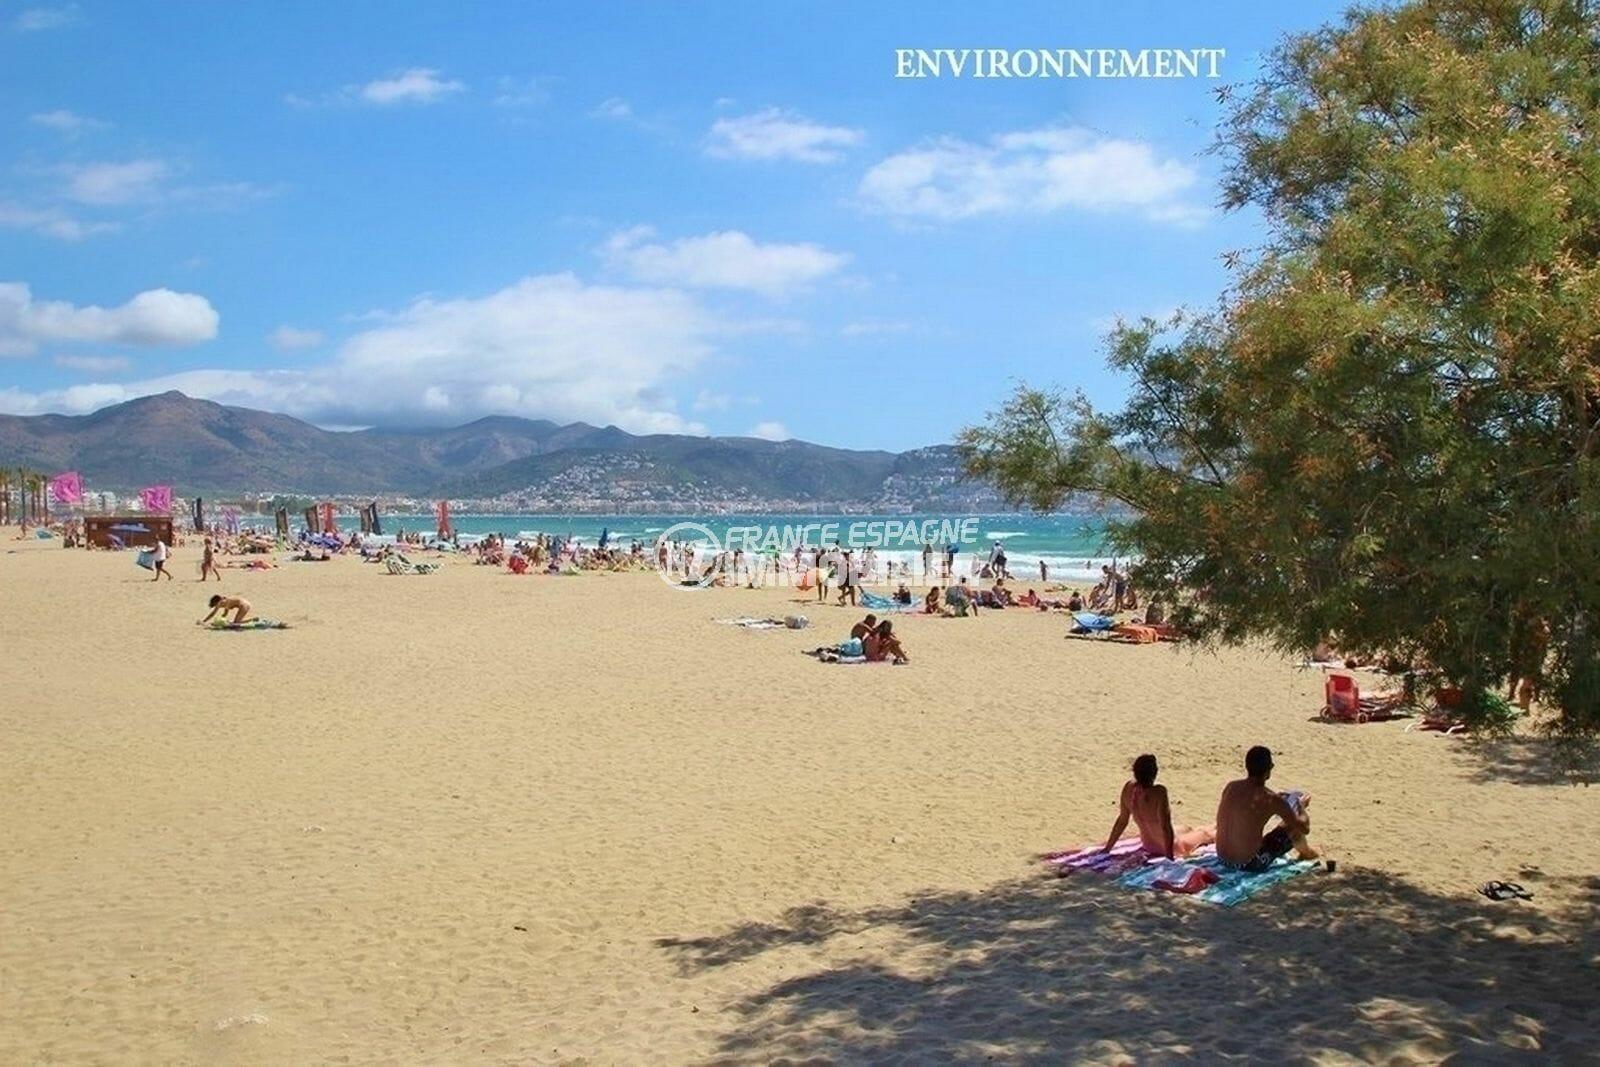 aperçu de la plage d'empuriabrava aux alentours